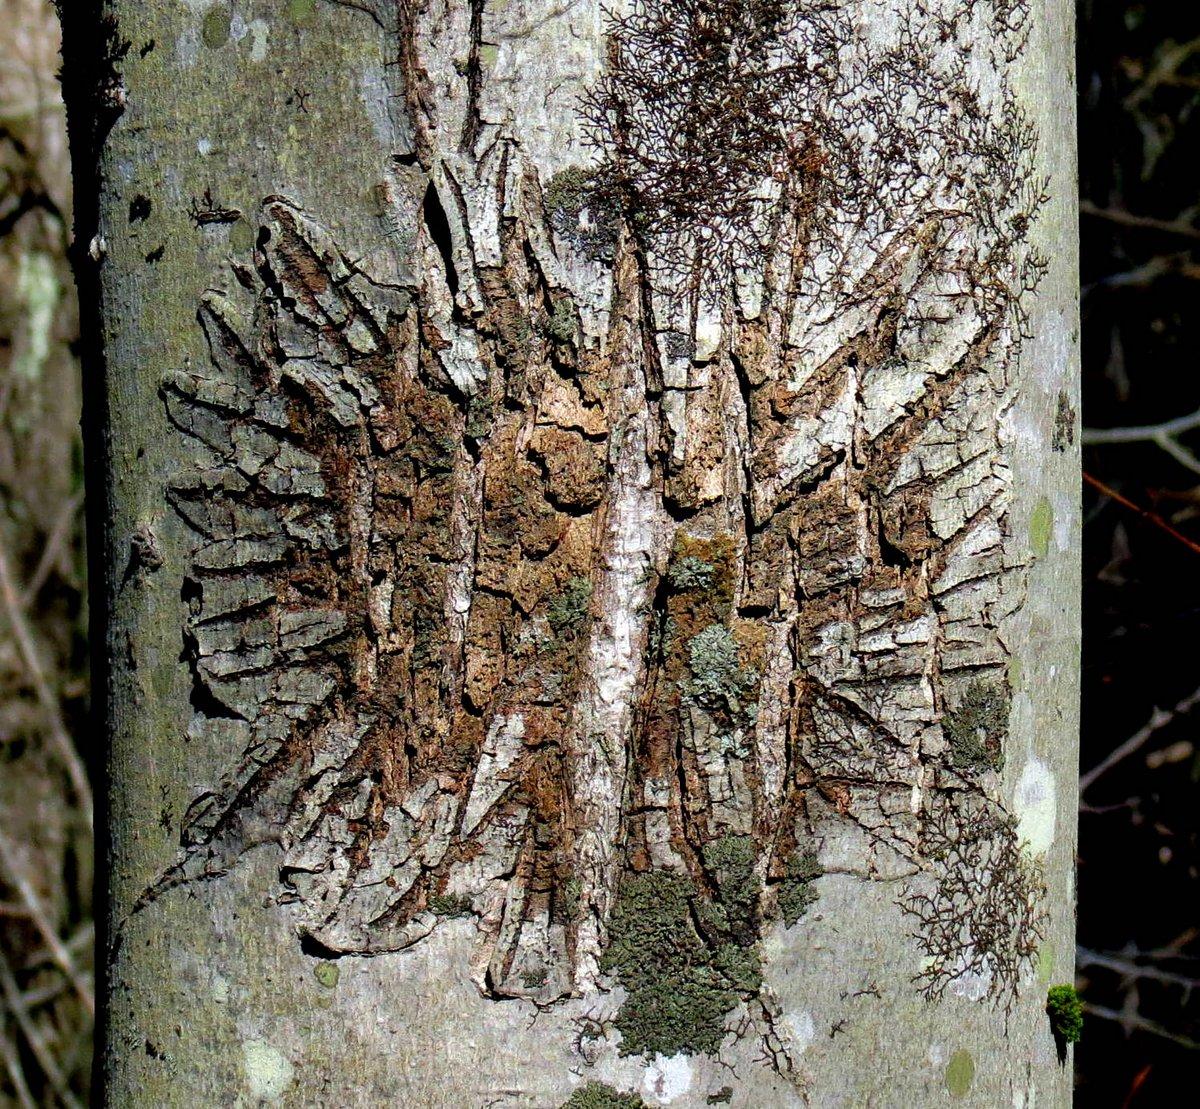 6. Maple Scae